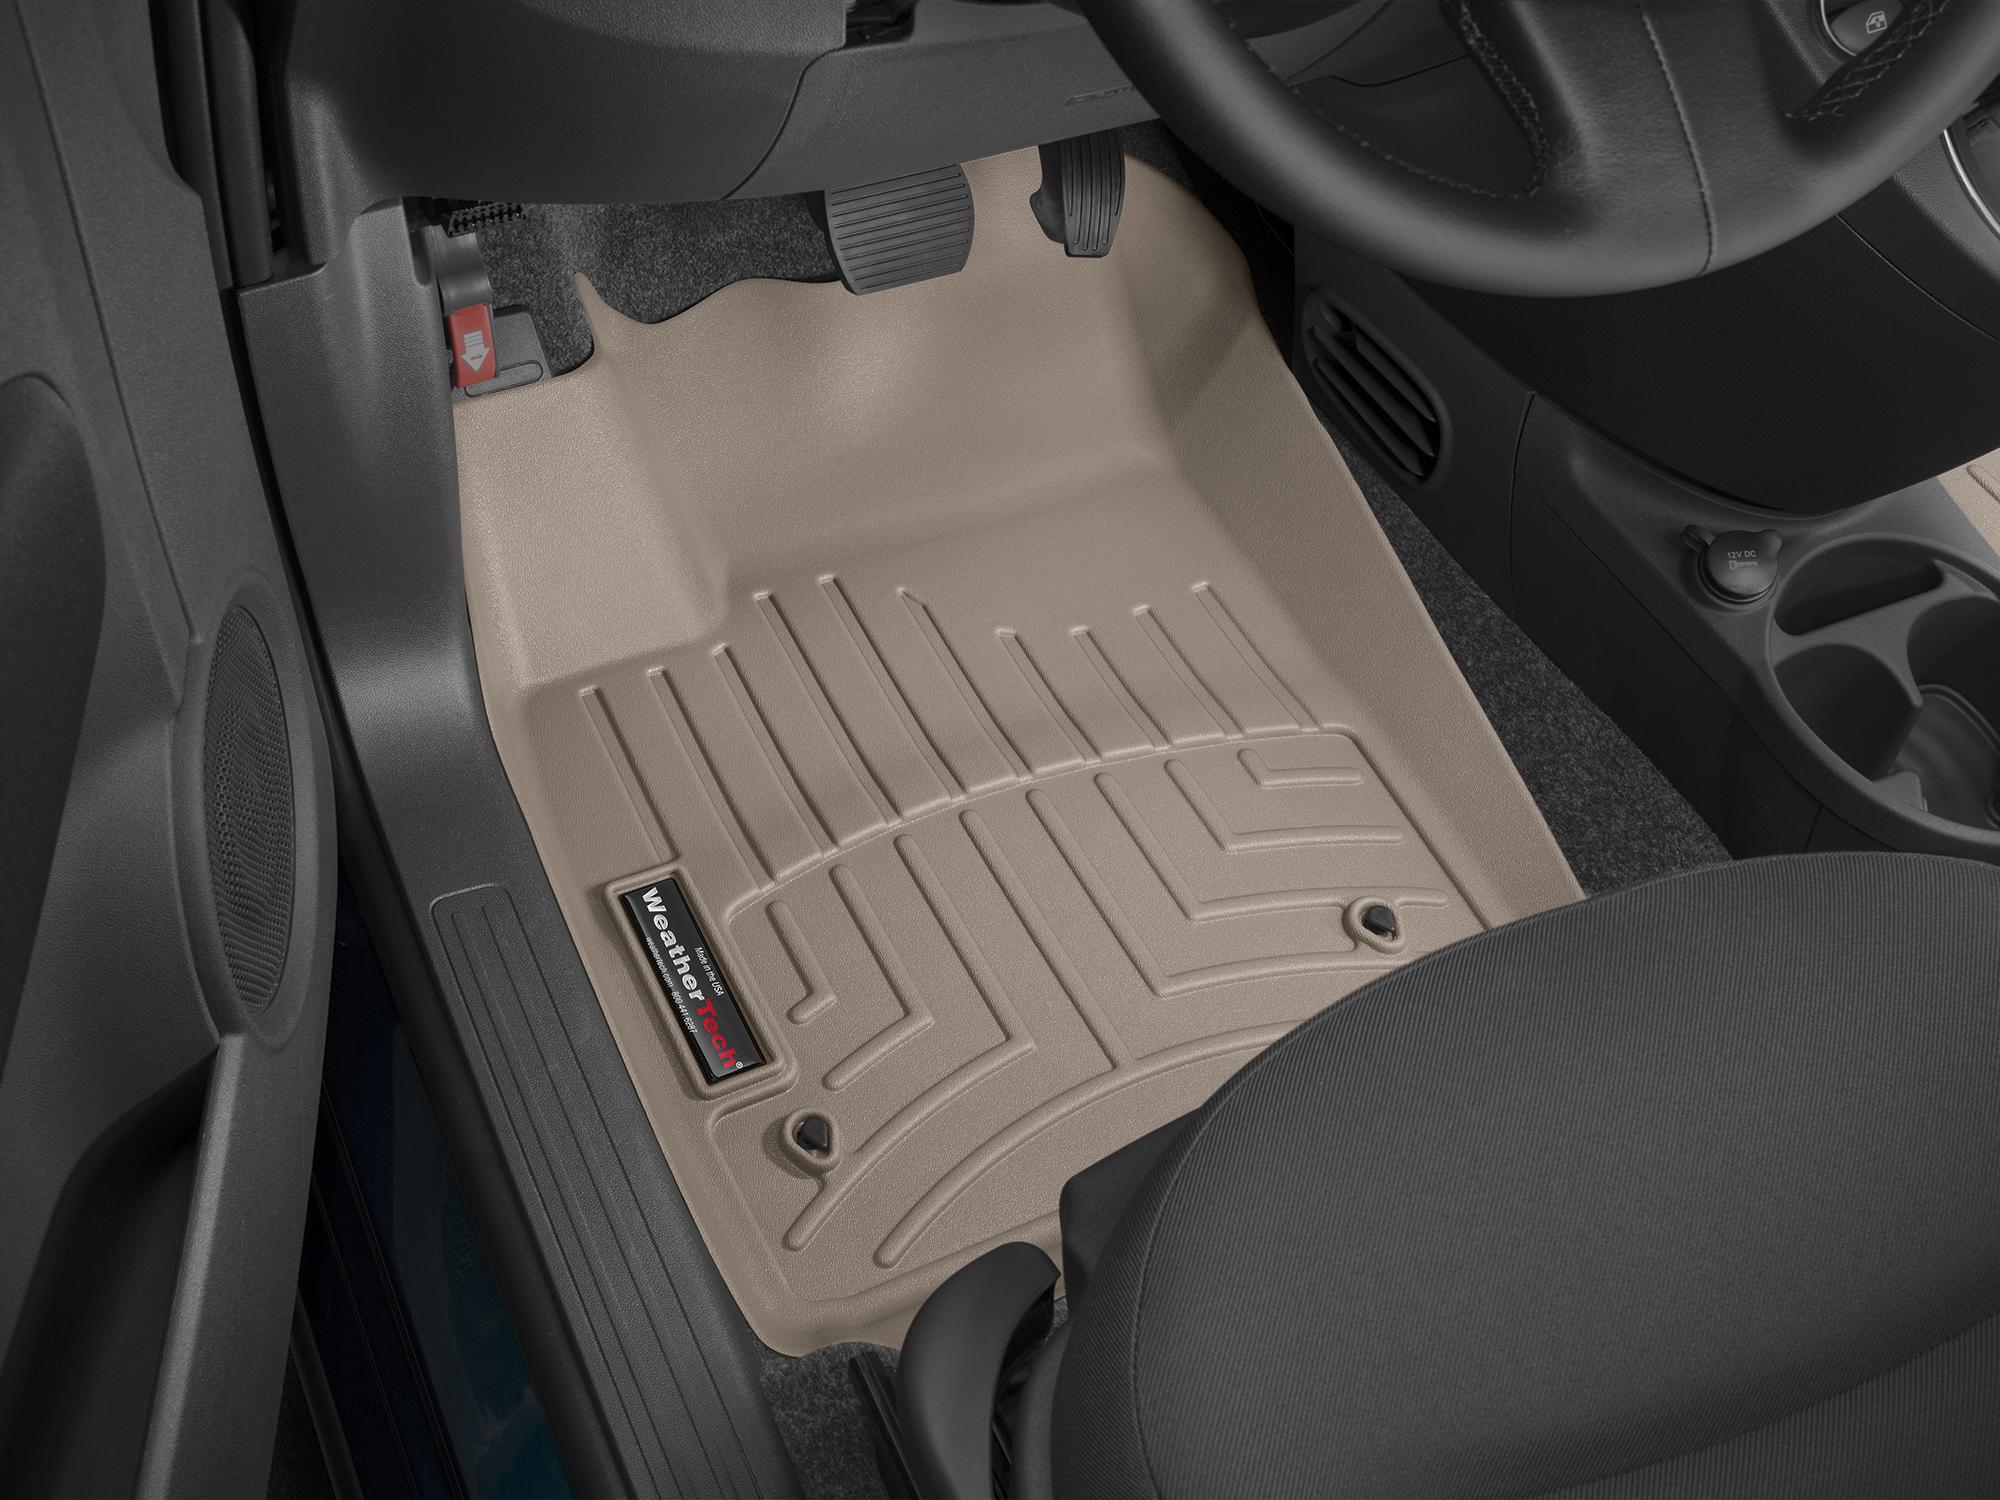 Tappeti gomma su misura bordo alto Fiat 500C 09>17 Marrone A763*